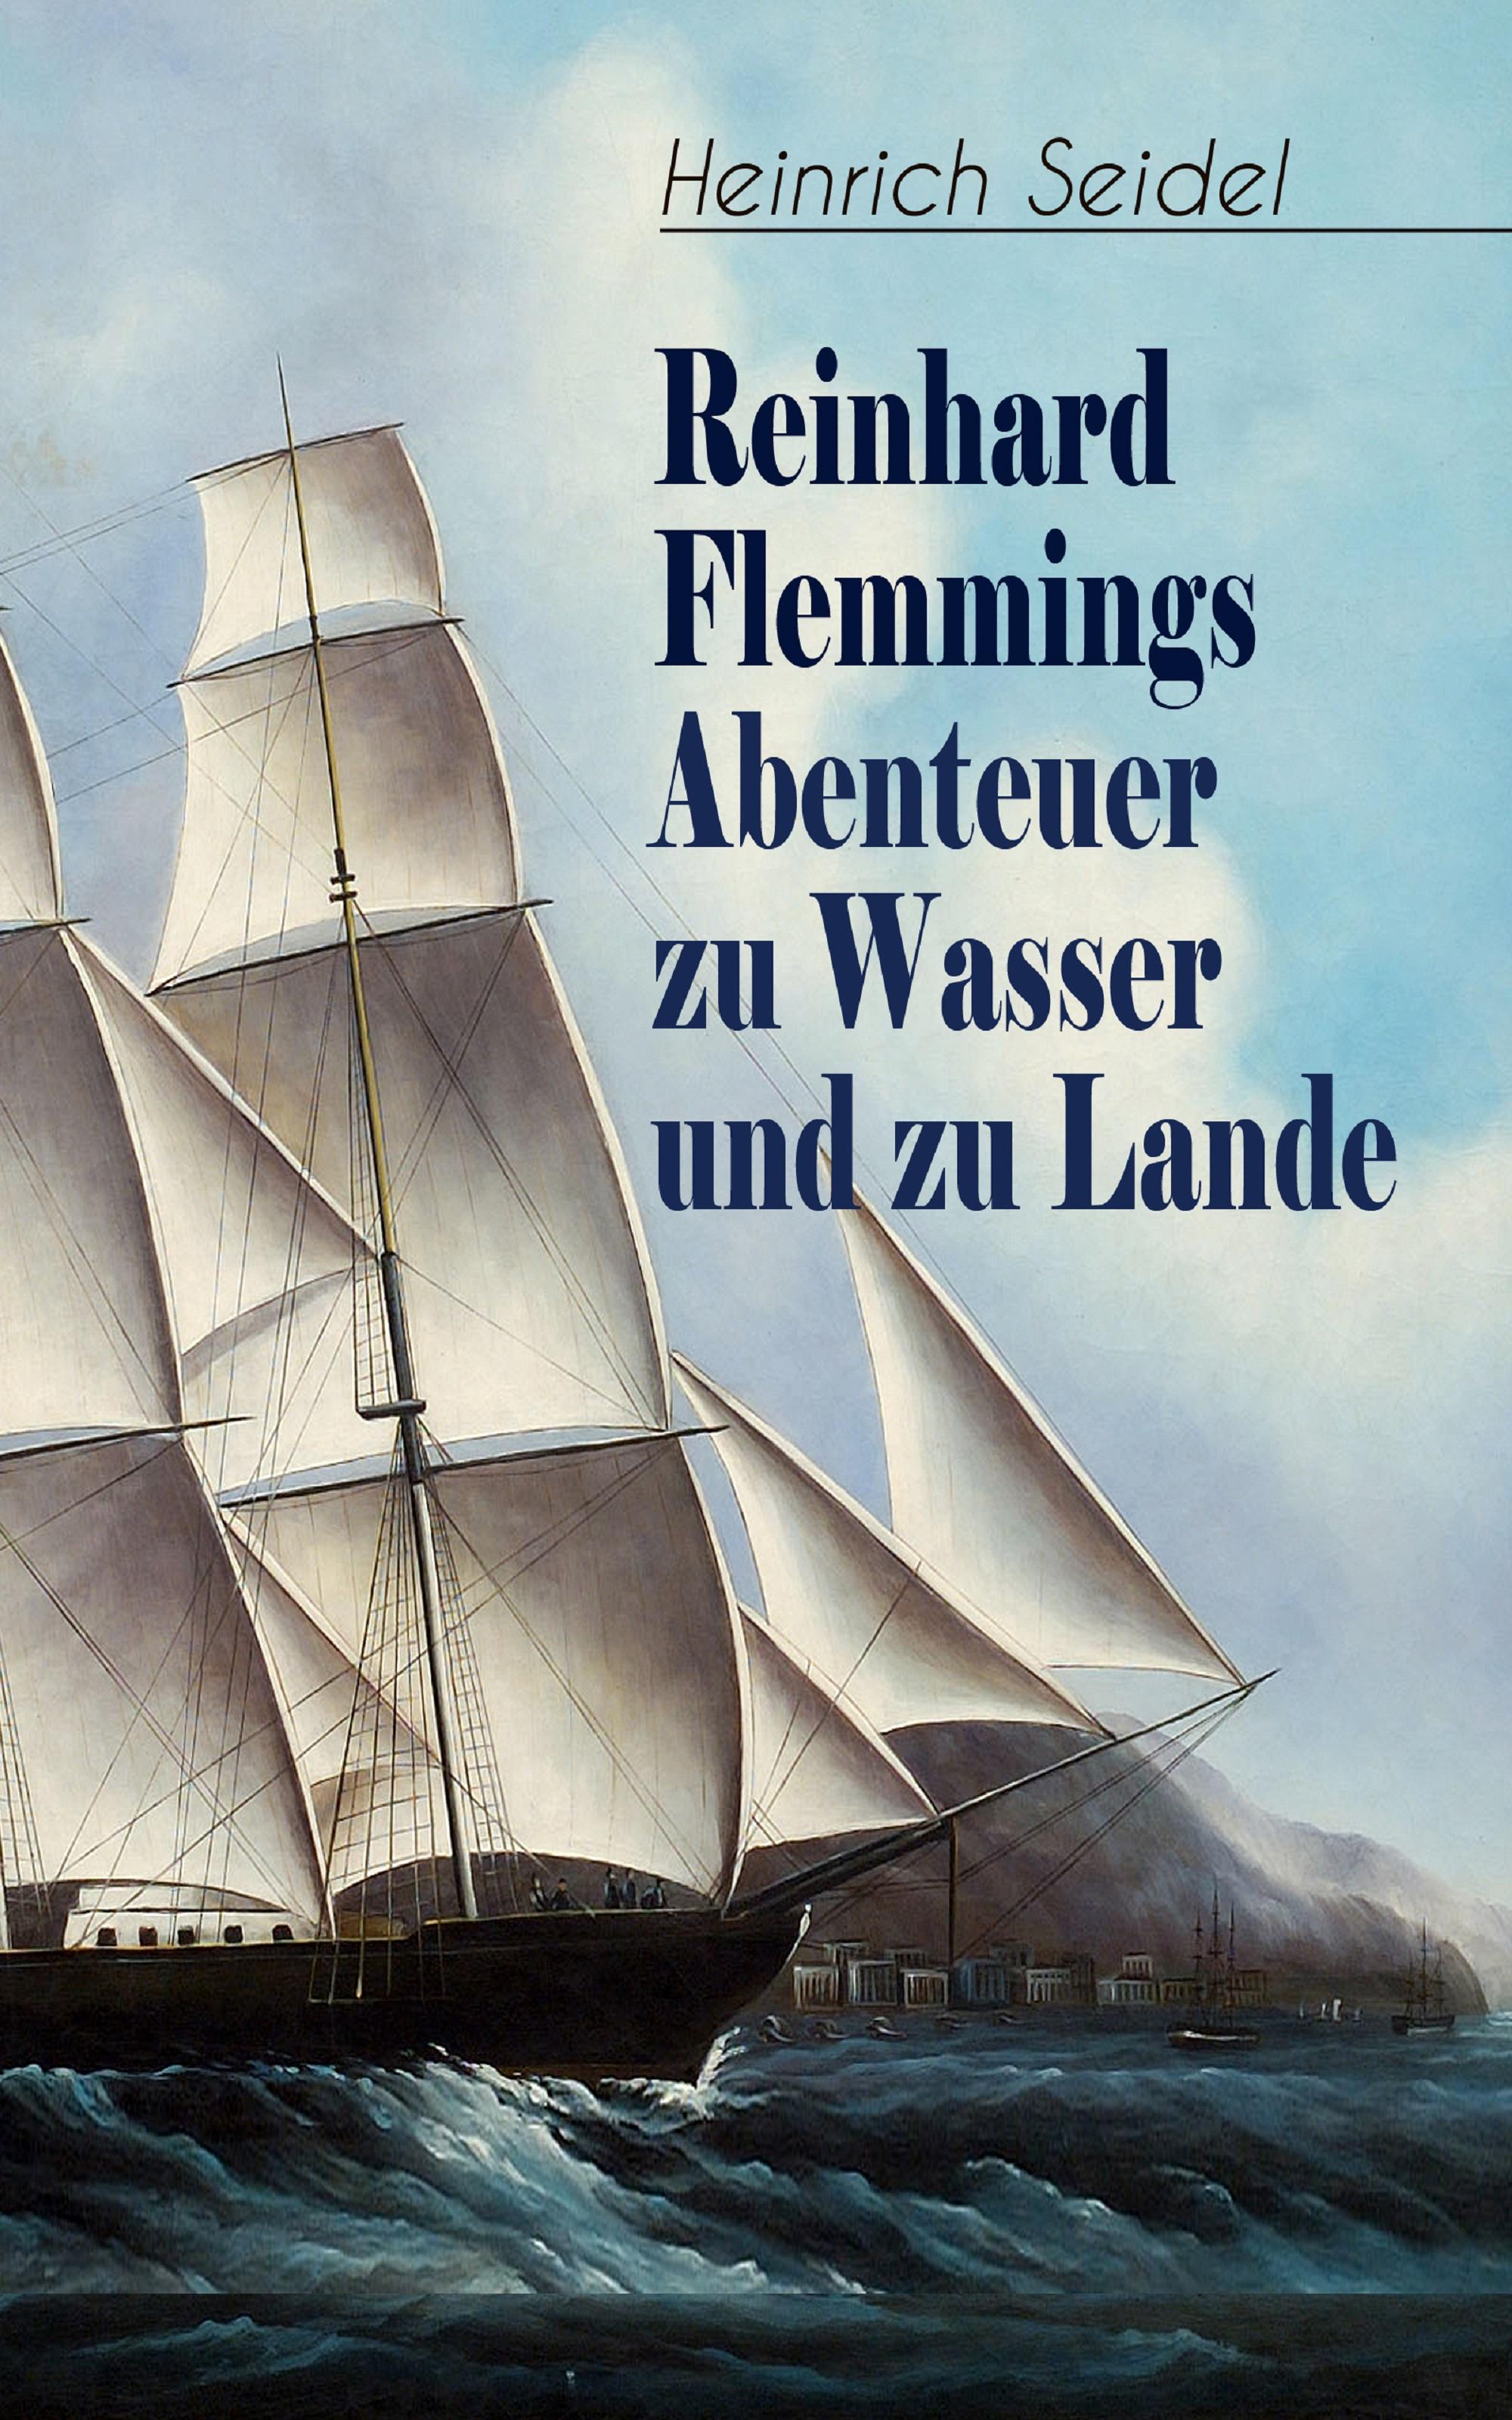 цены Heinrich Seidel Reinhard Flemmings Abenteuer zu Wasser und zu Lande